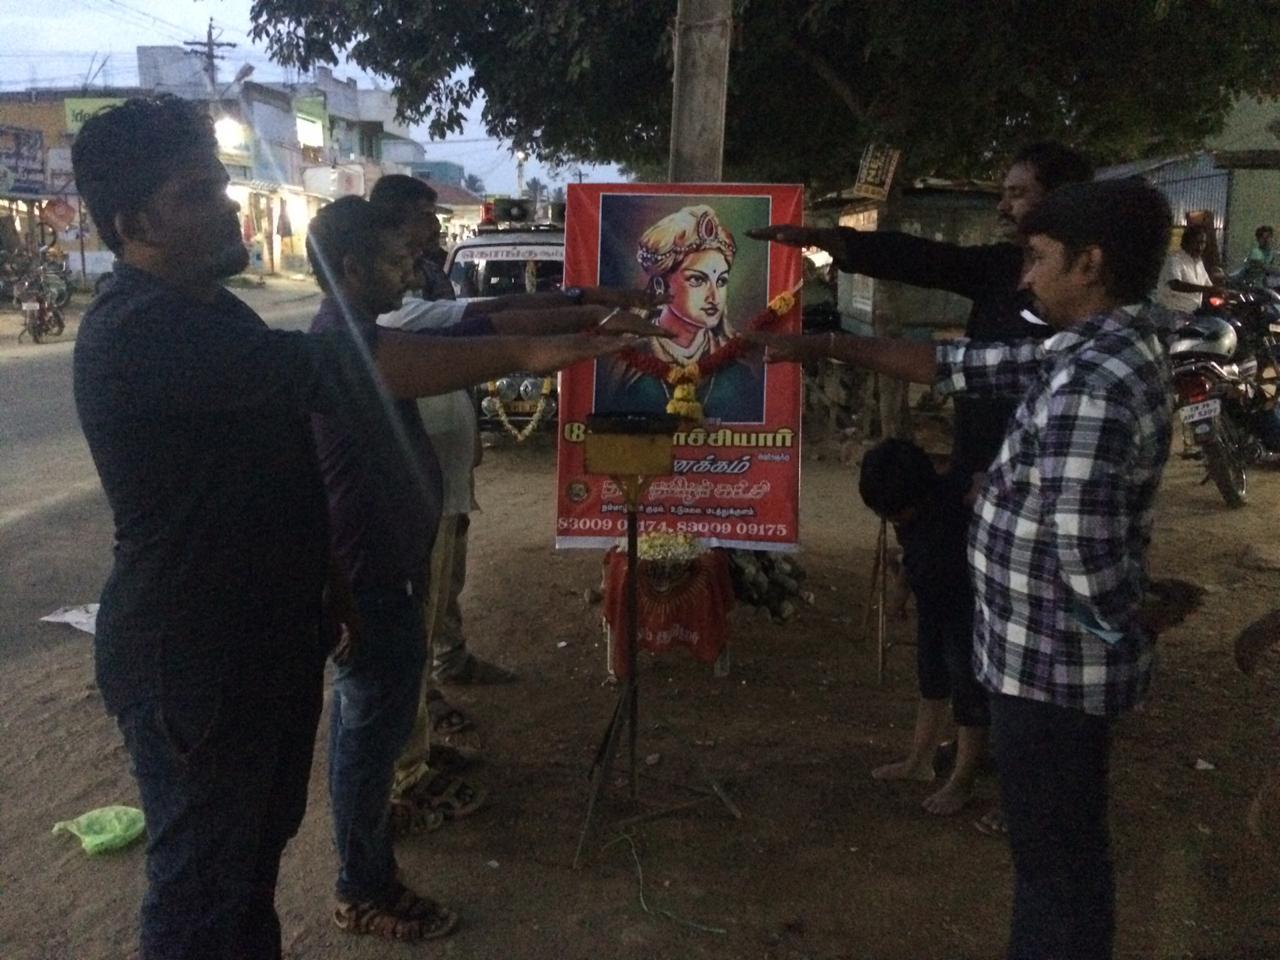 வீரபெரும்பாட்டி வேலுநாச்சியார் நினைவு நாள்